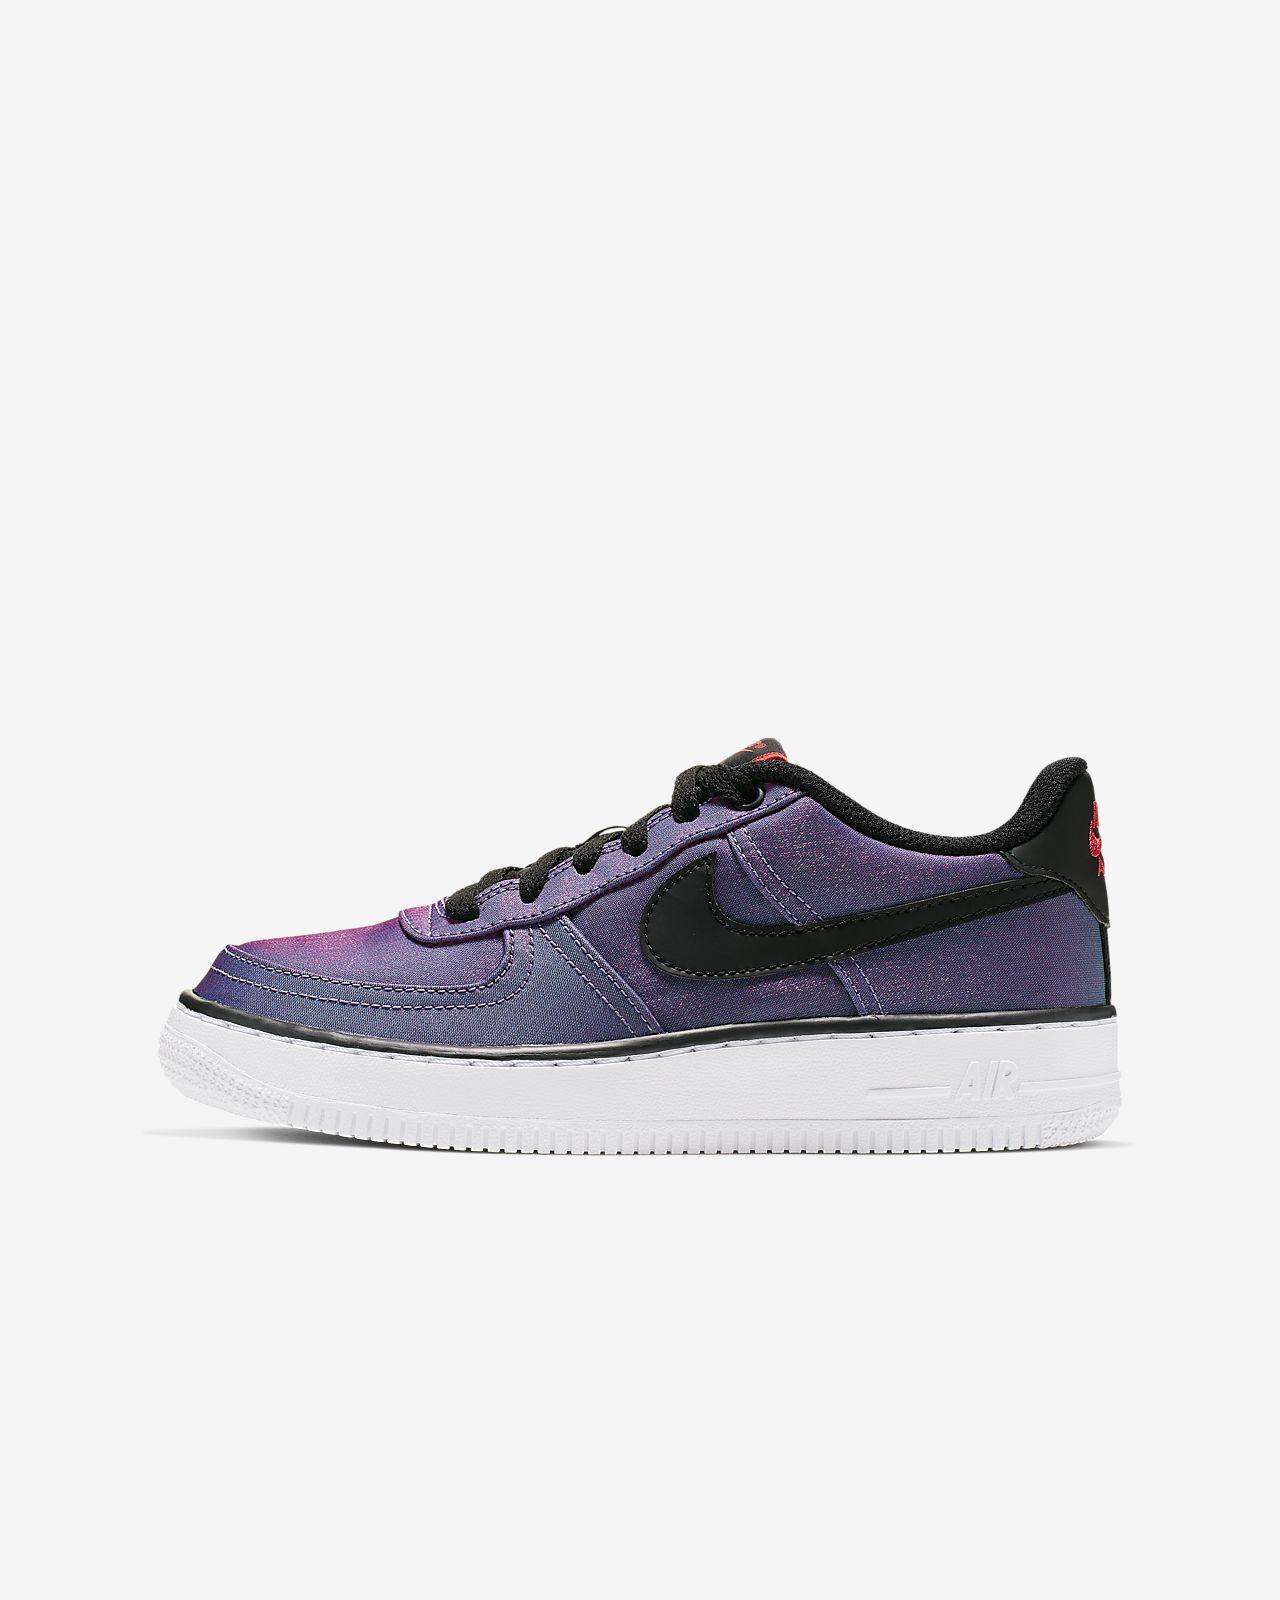 Nike Air Force 1 LV8 Shift Genç Çocuk Ayakkabısı